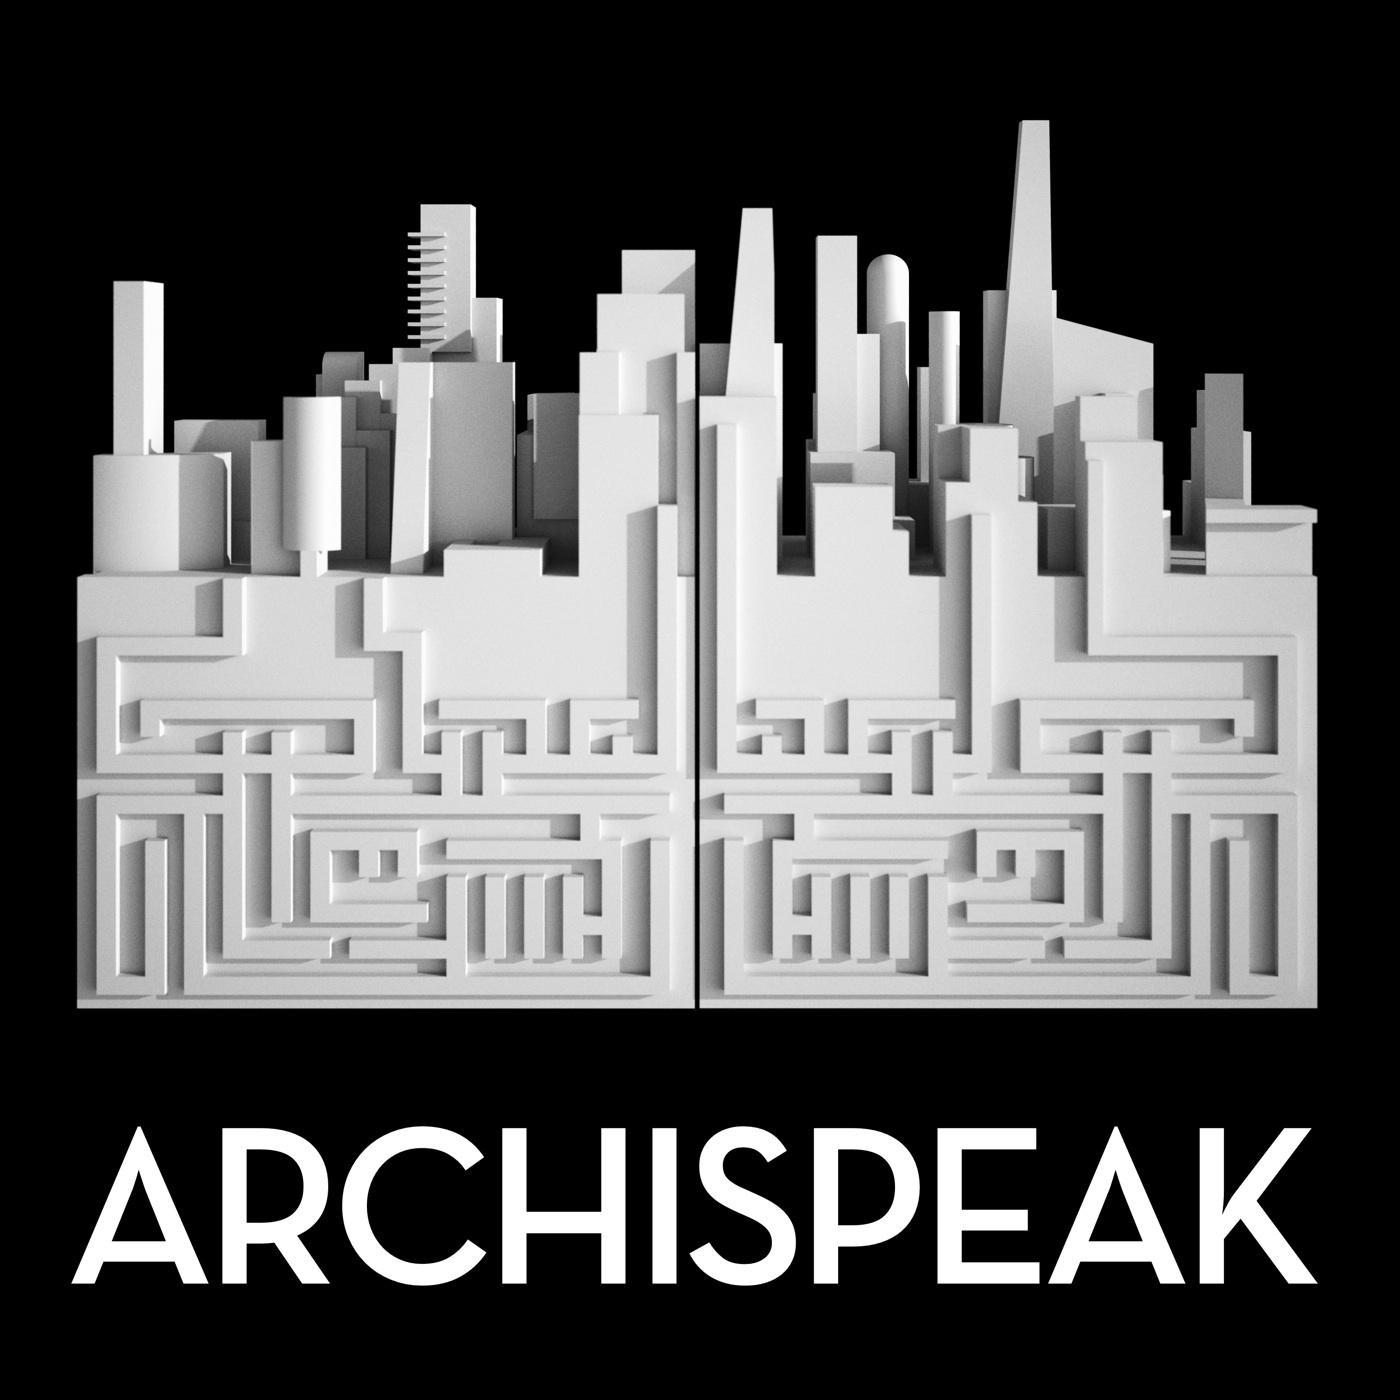 archispeak logo neutra itunes 1400.jpg